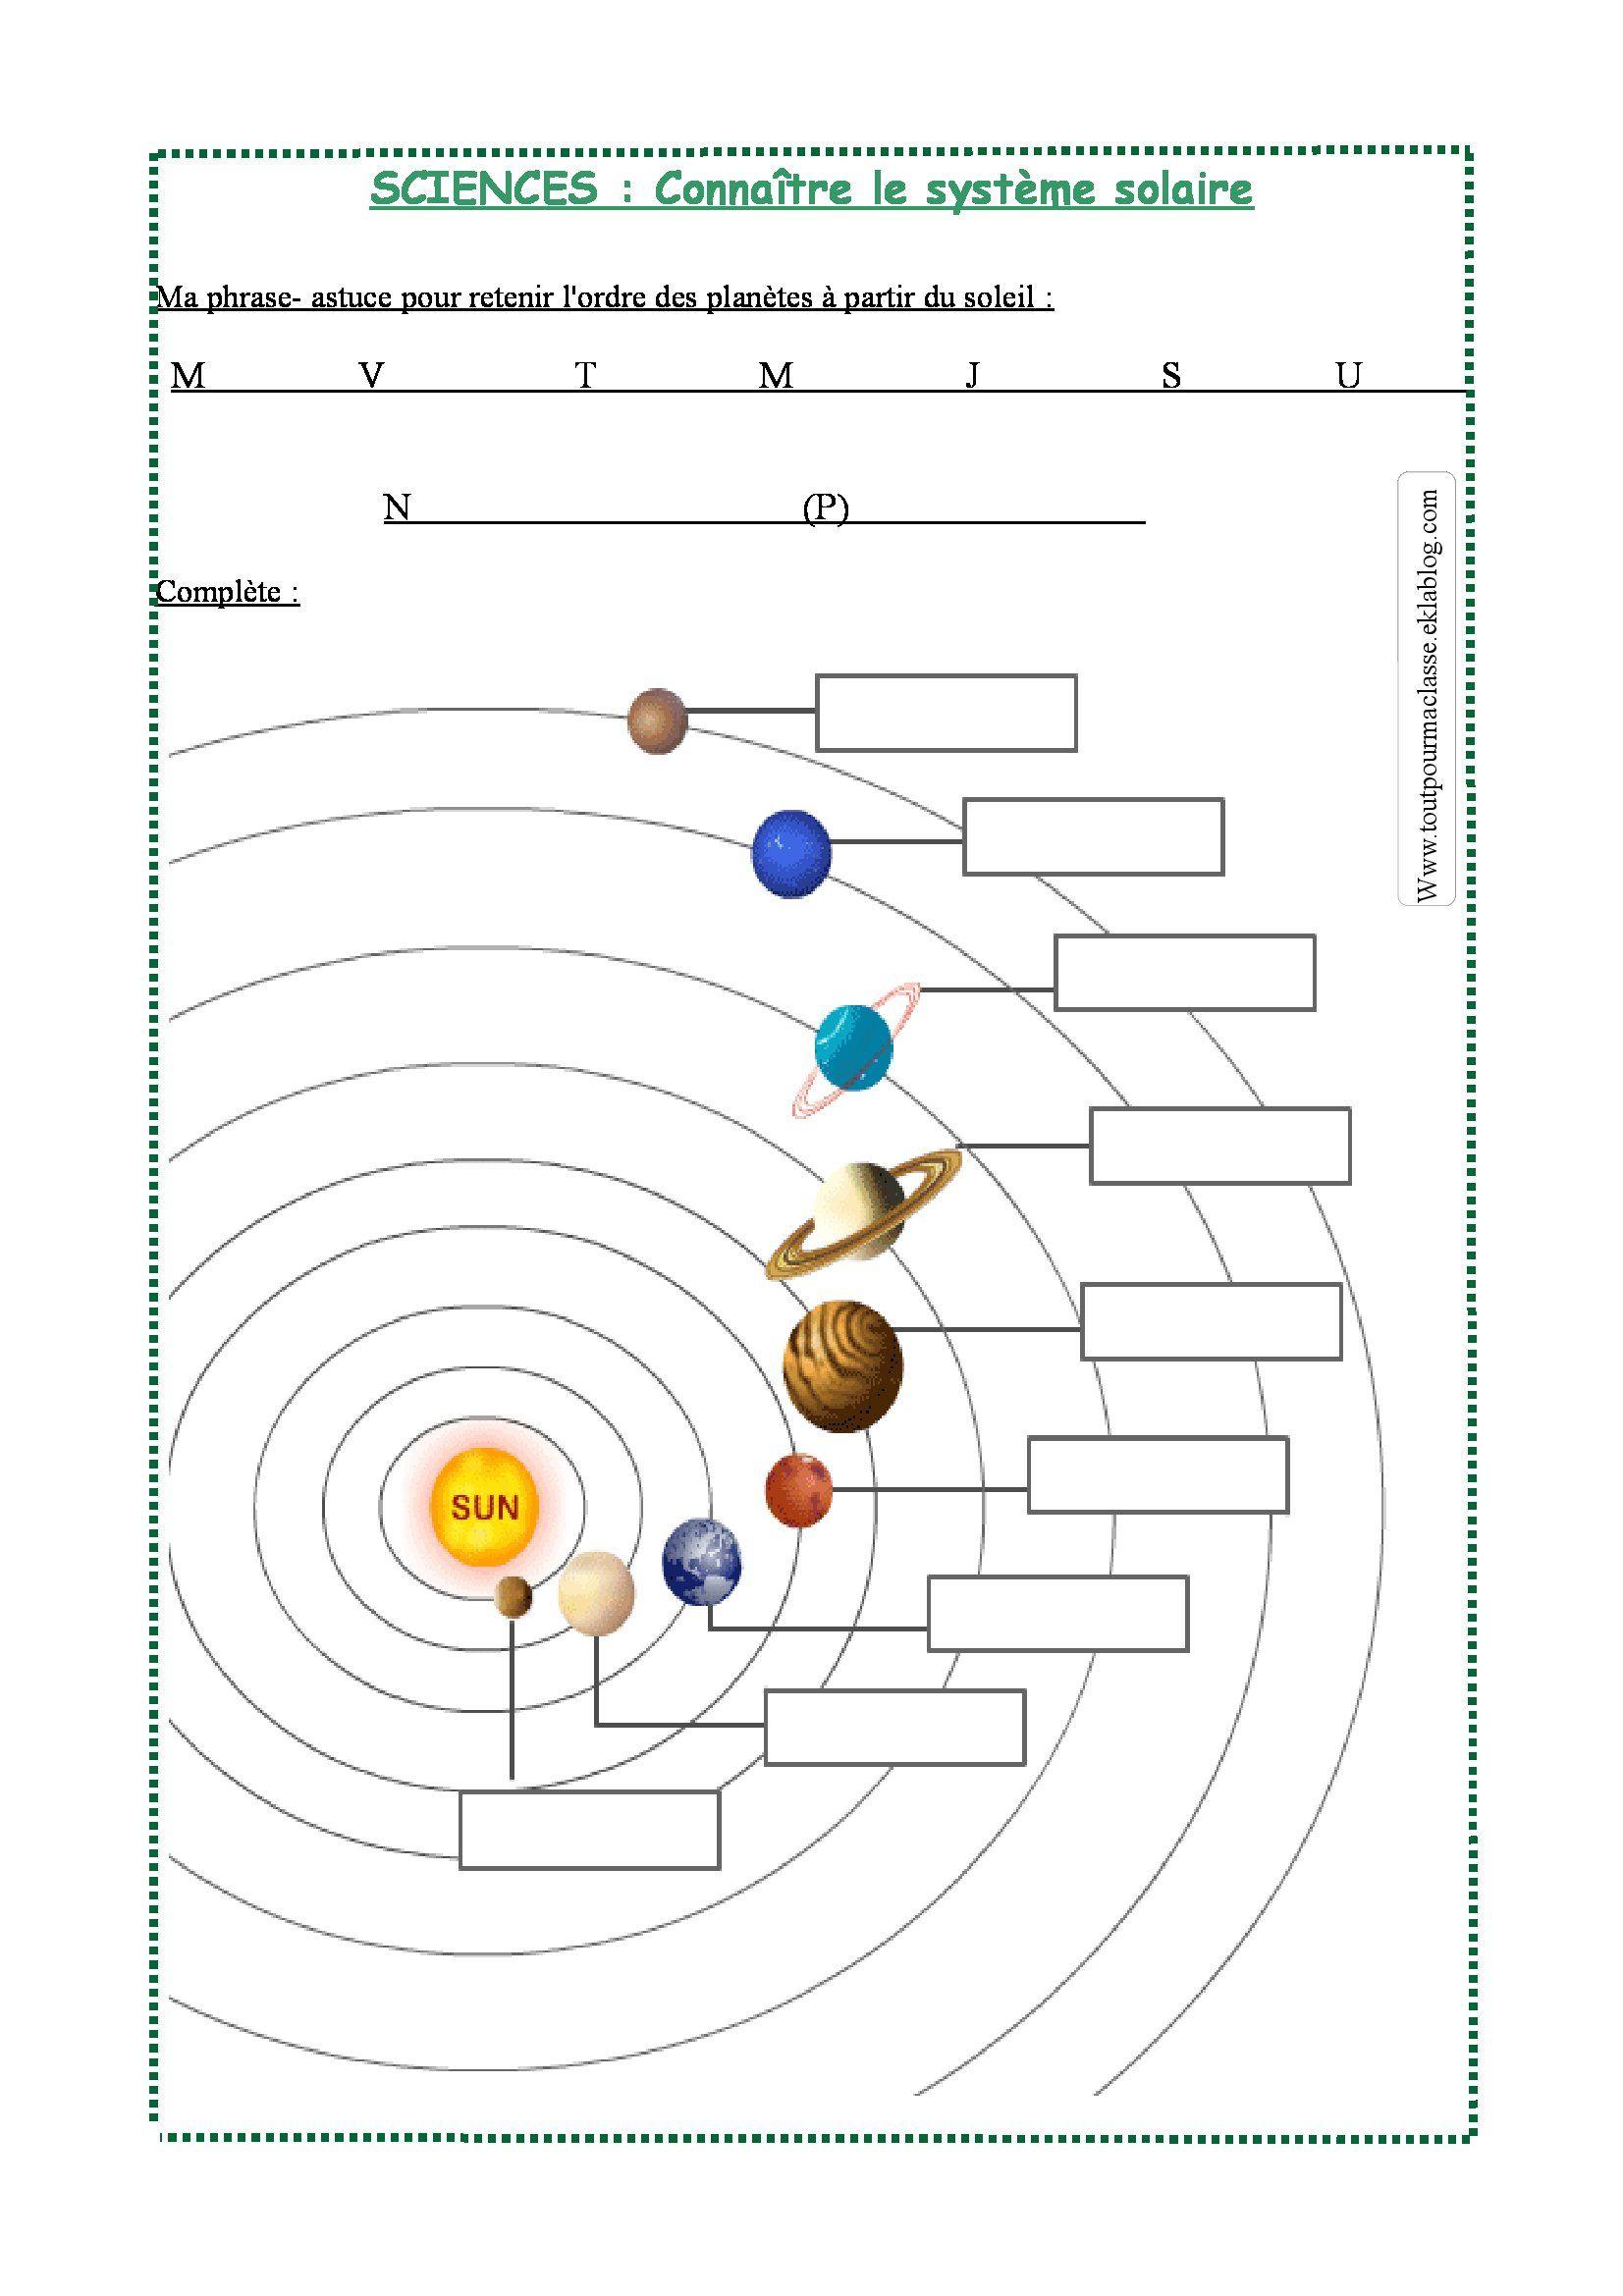 Favori Le système solaire - Tout pour ma classe … | Pinteres… XD15